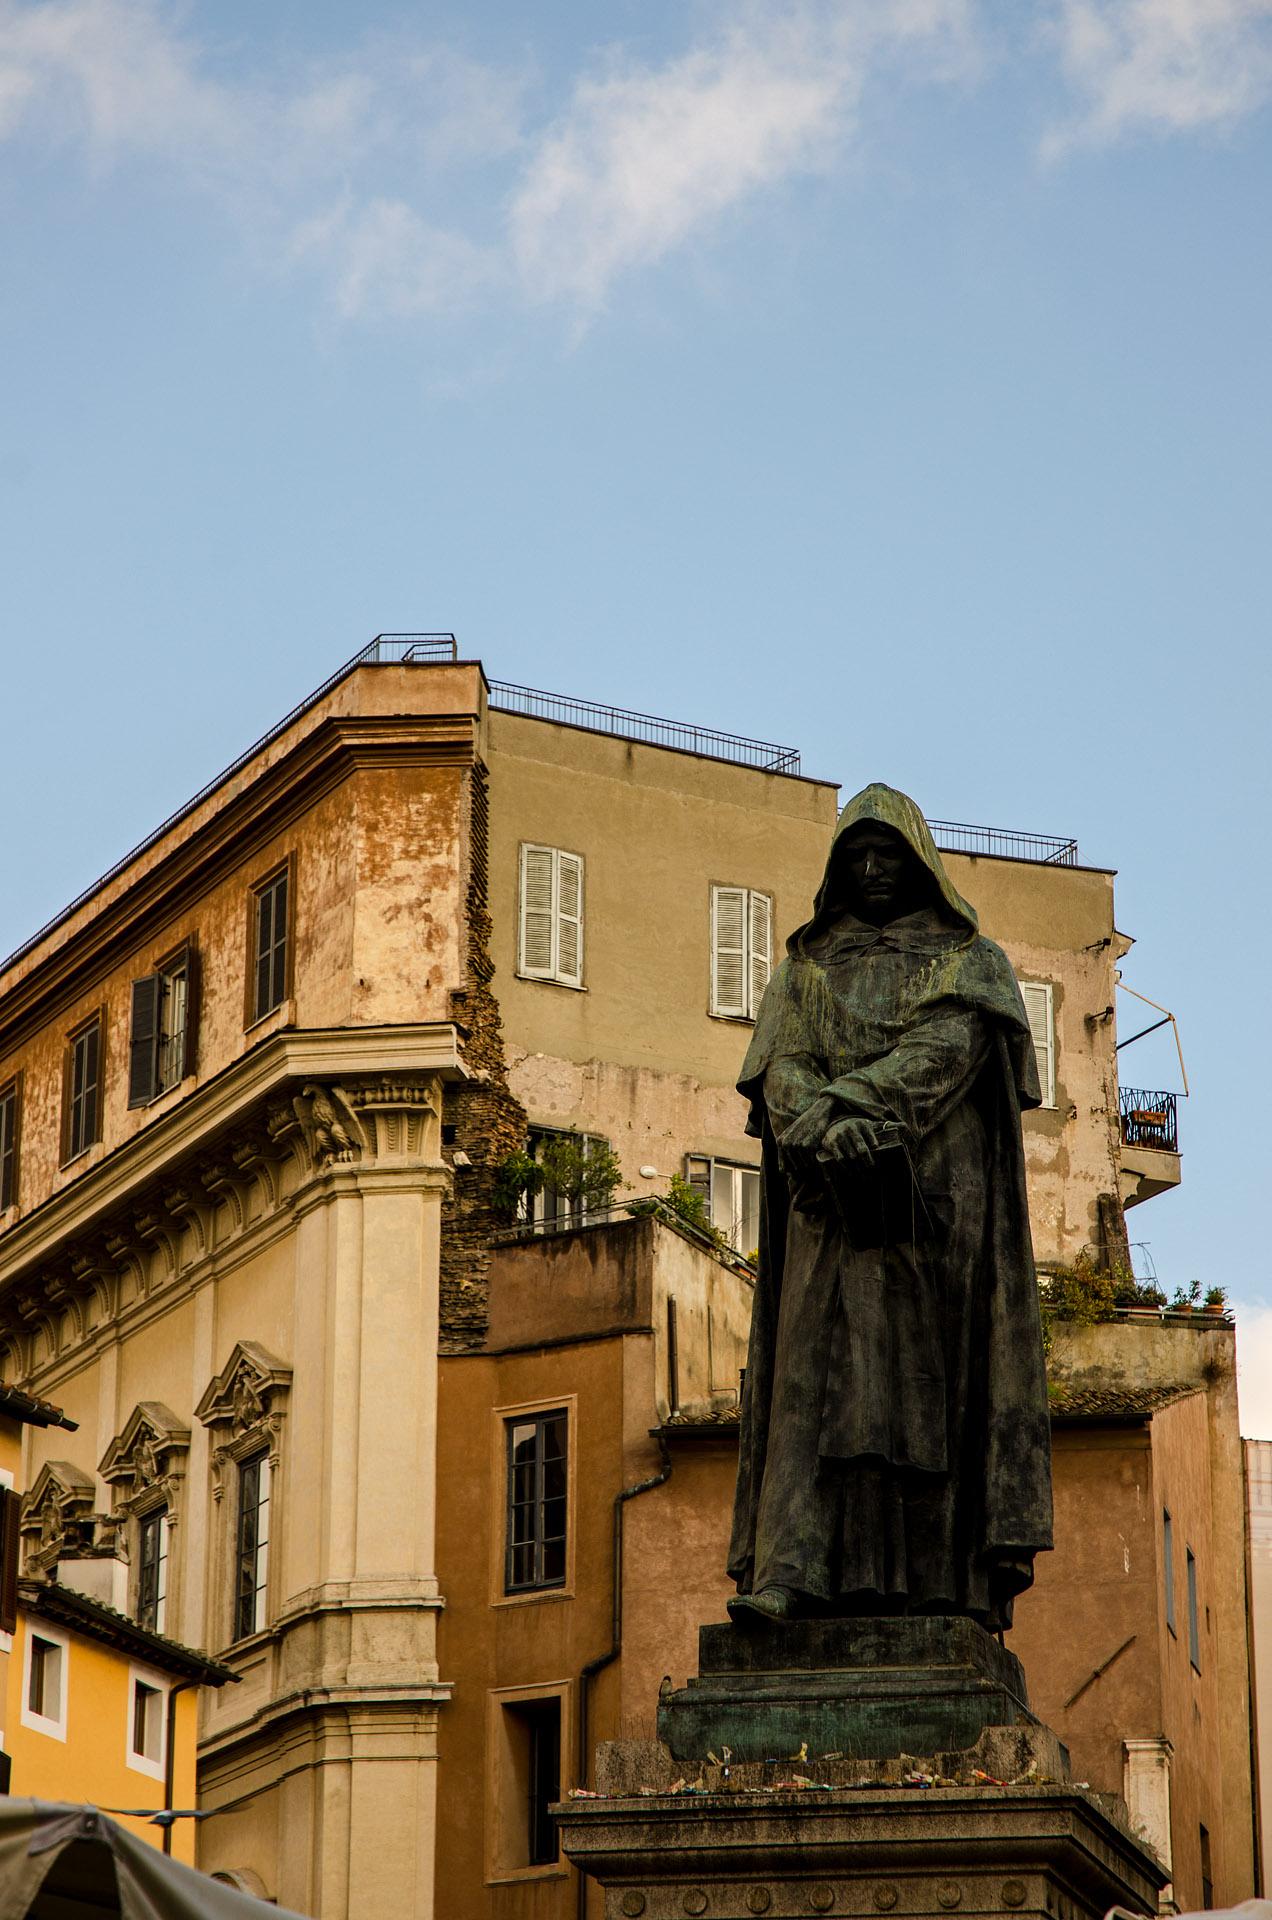 Statue of Giordano Bruno (Campo de' Fiori)